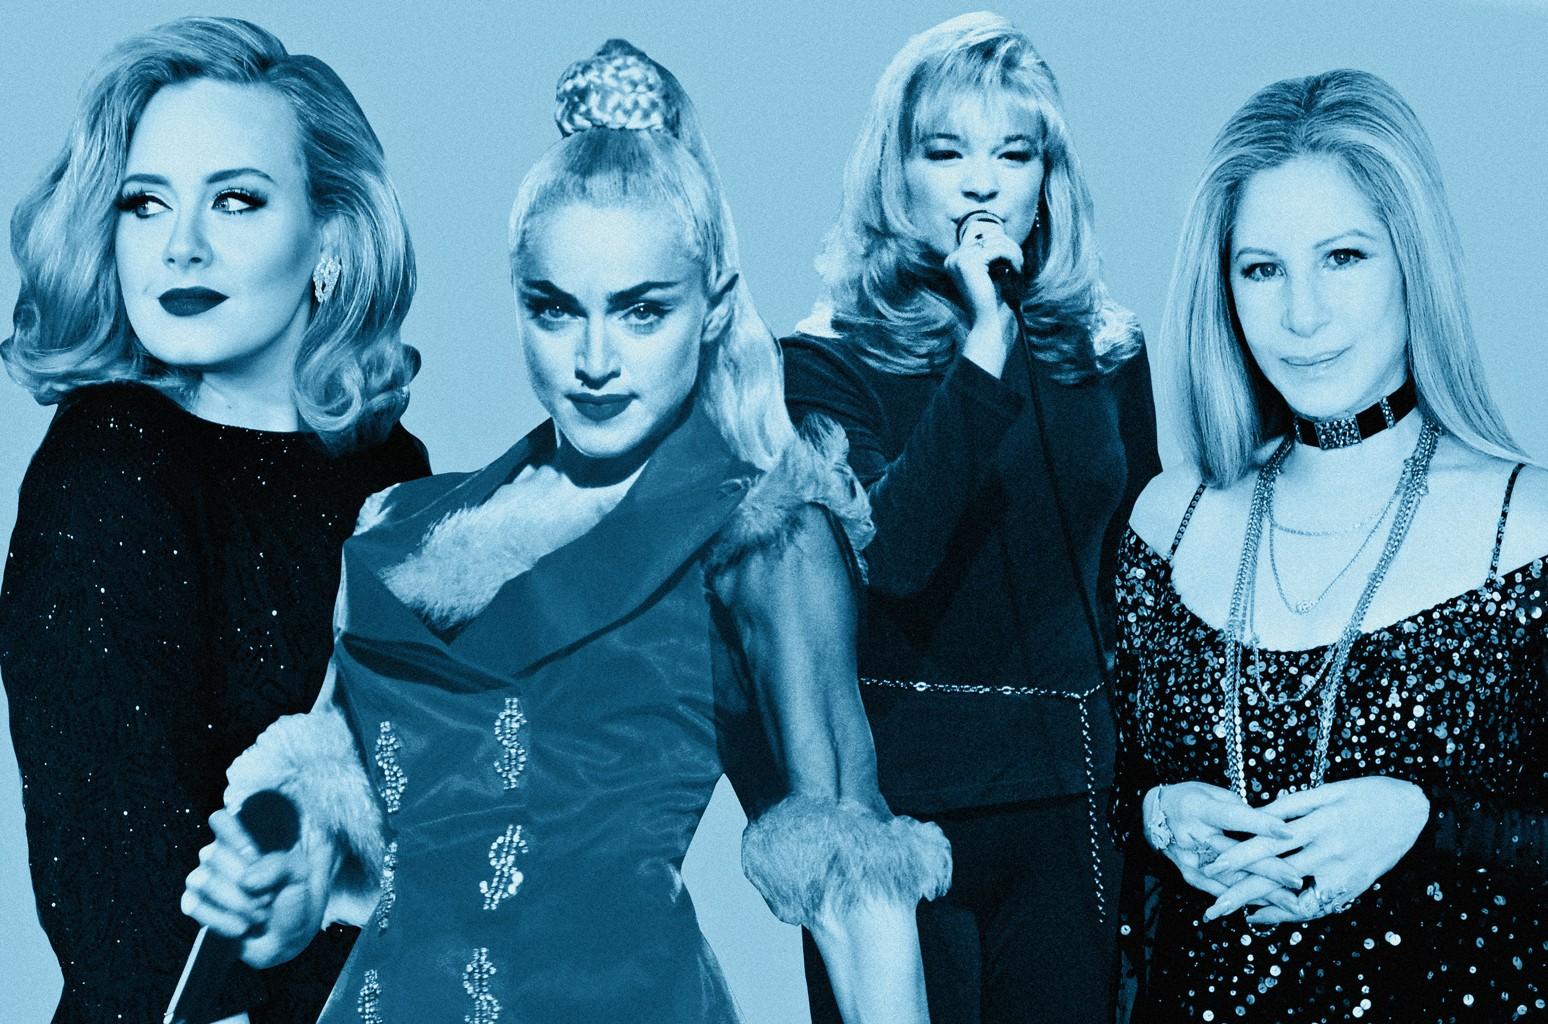 Adele, Madonna, LeAnn Rimes & Barbra Streisand